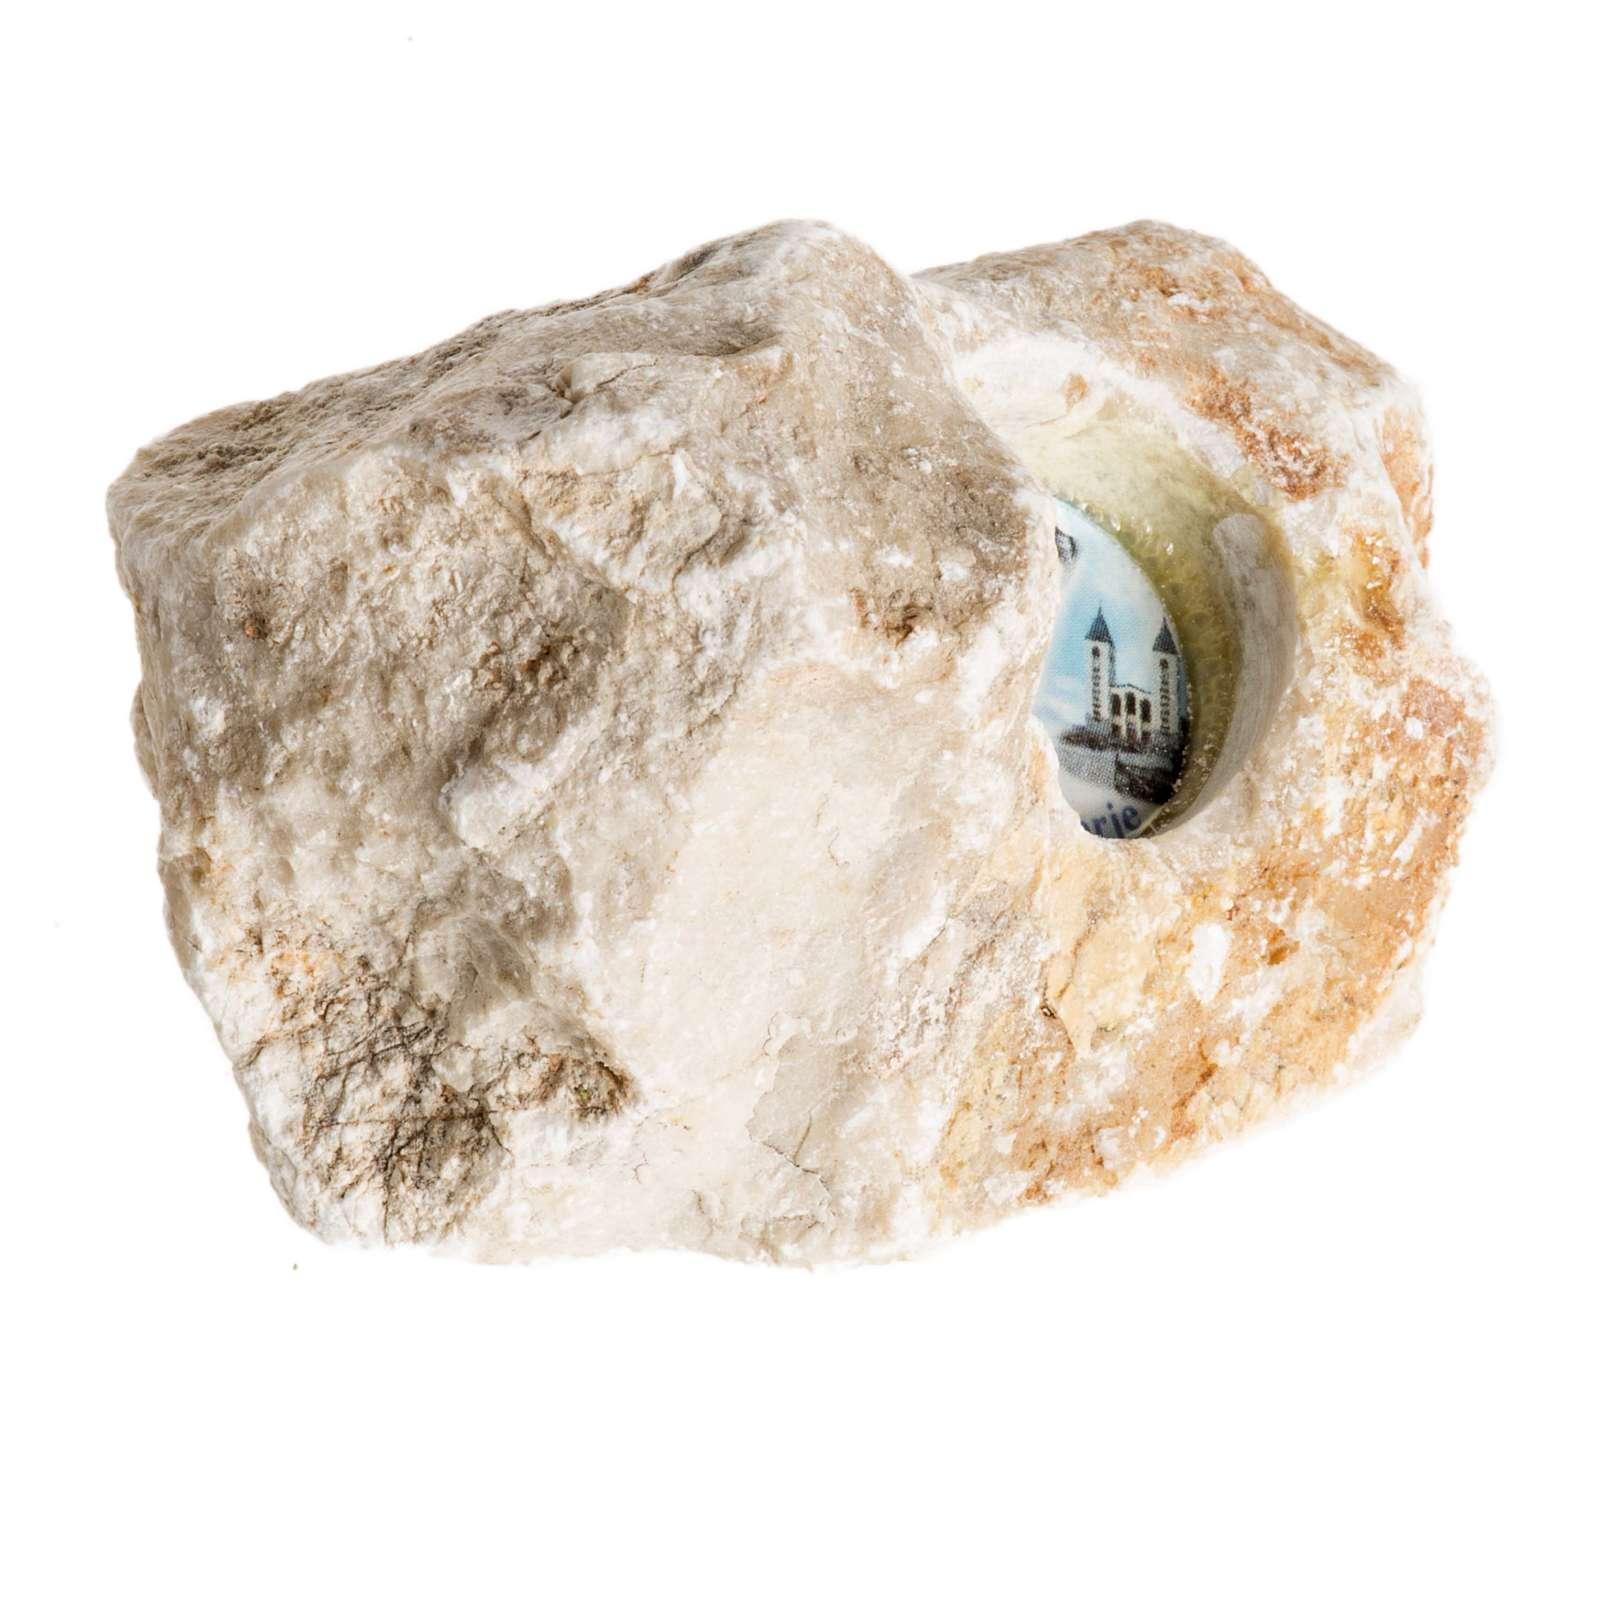 Piedra imagen Medjugorje 4